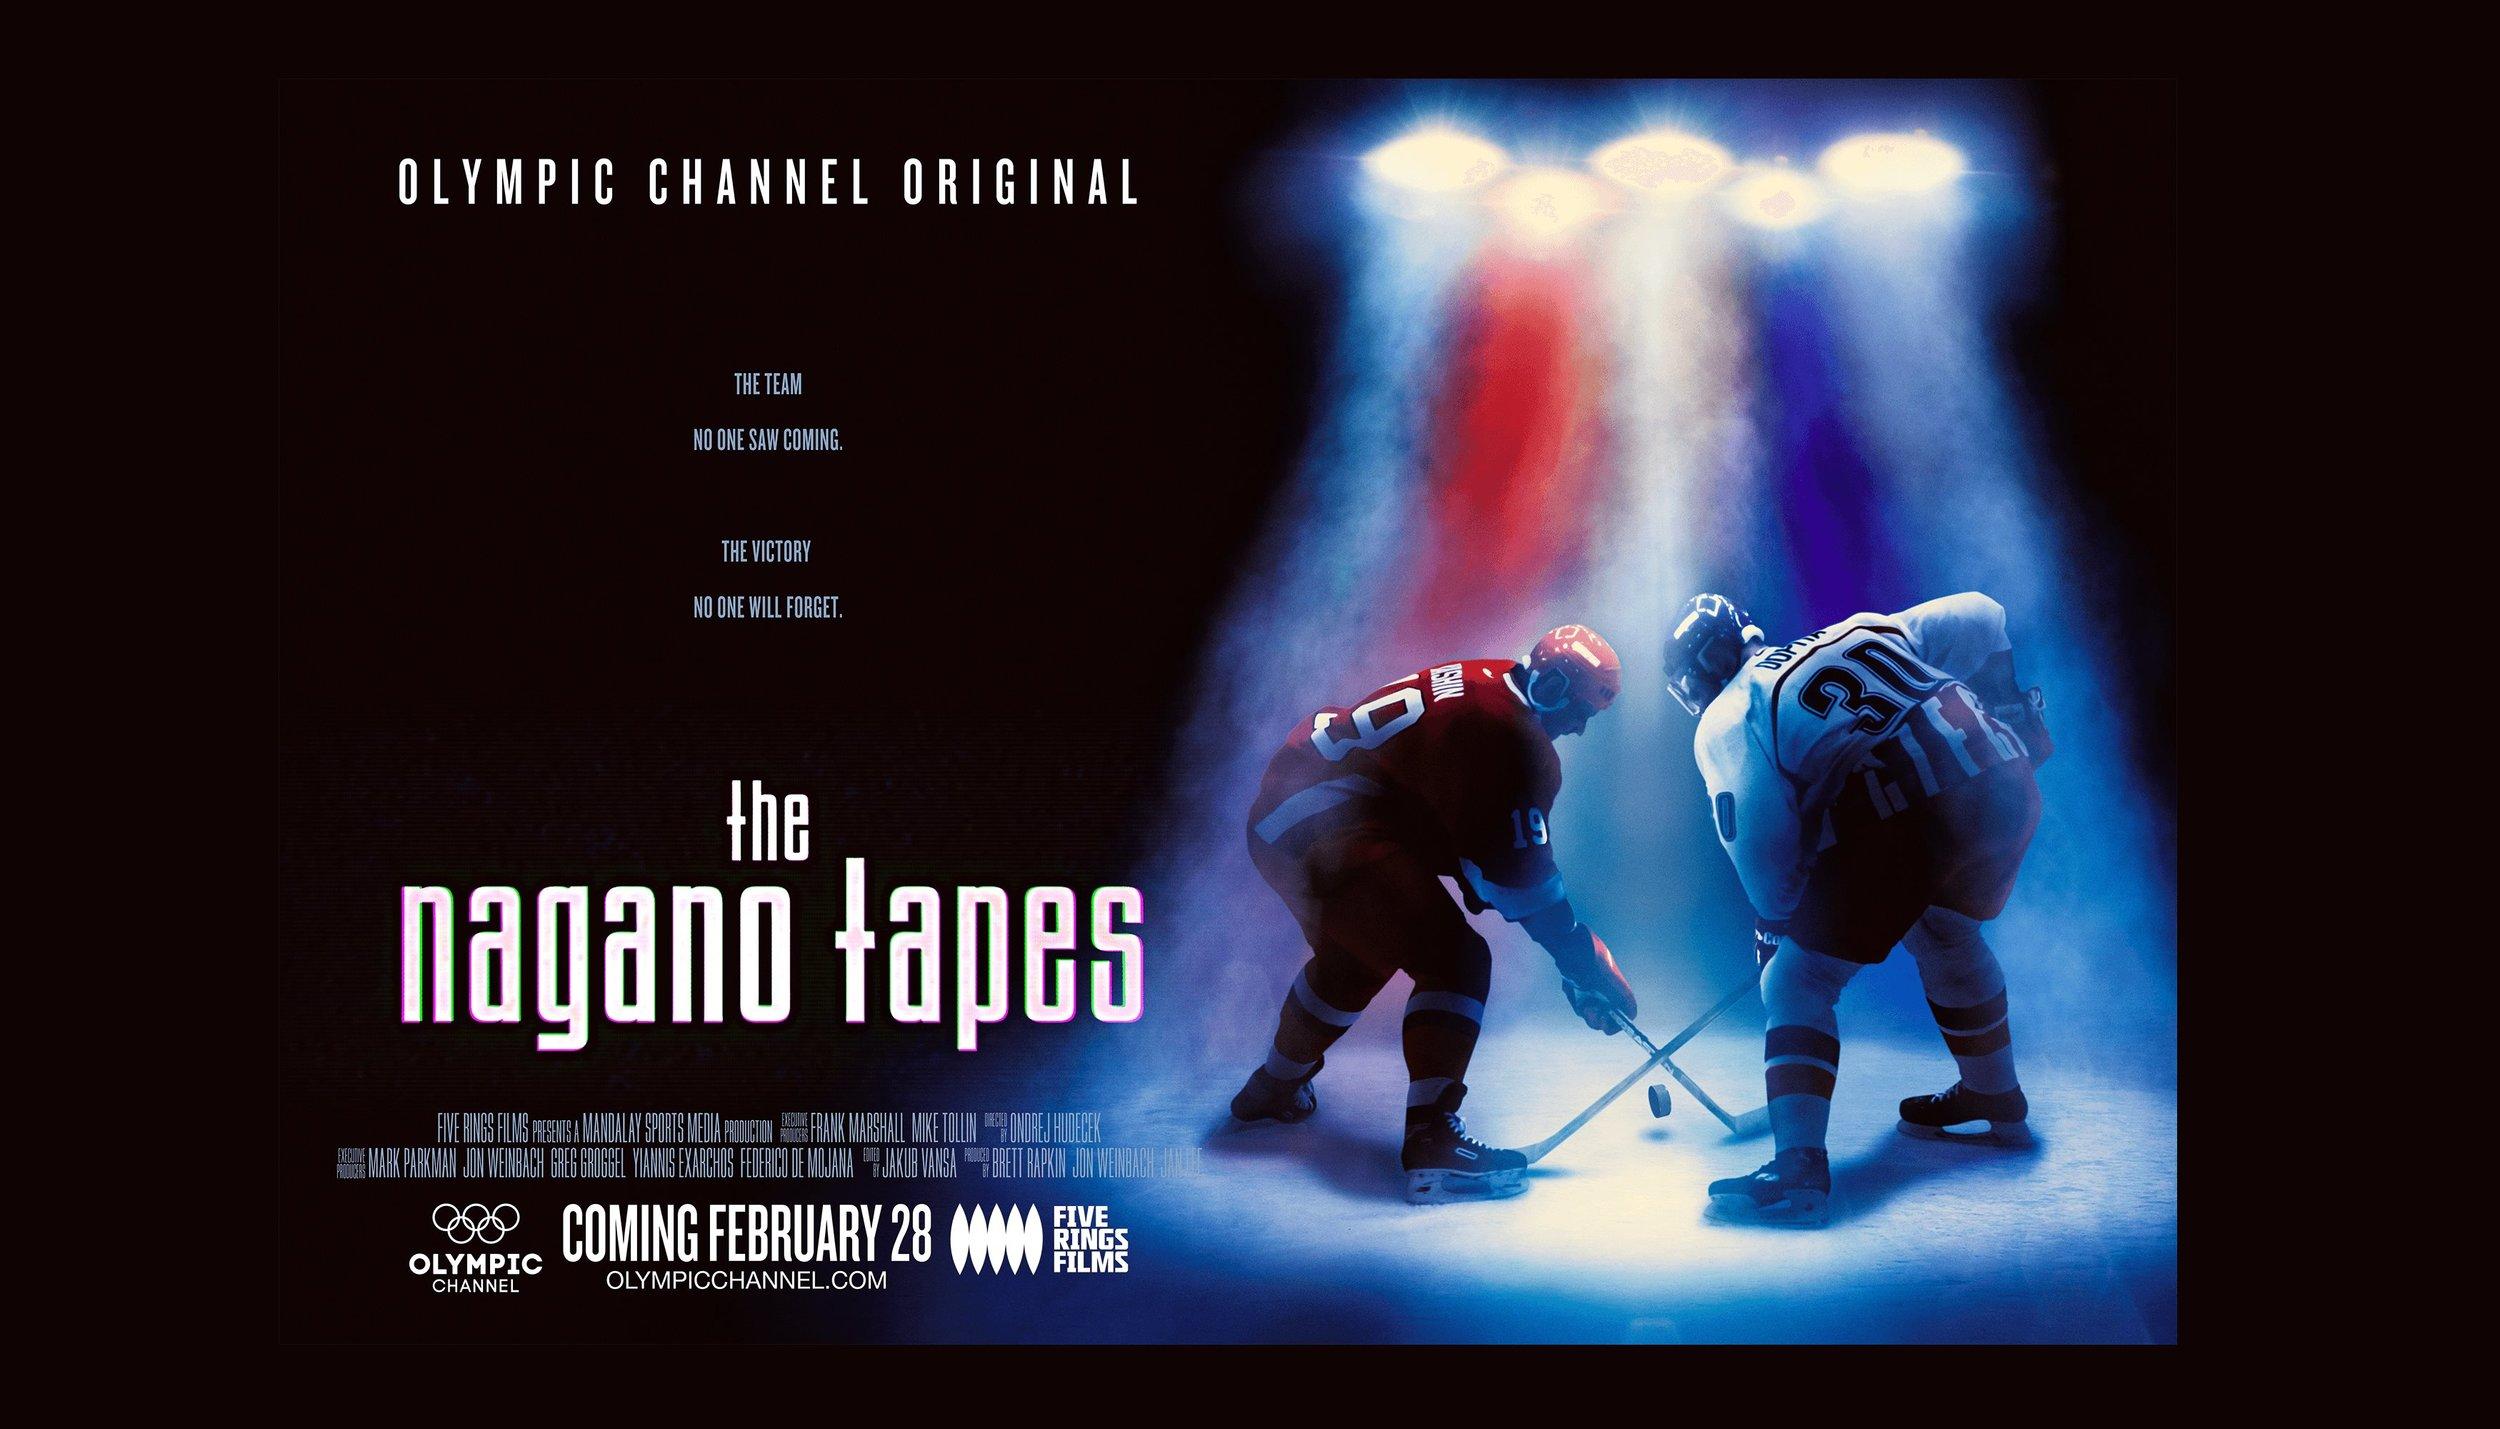 nagano tapes